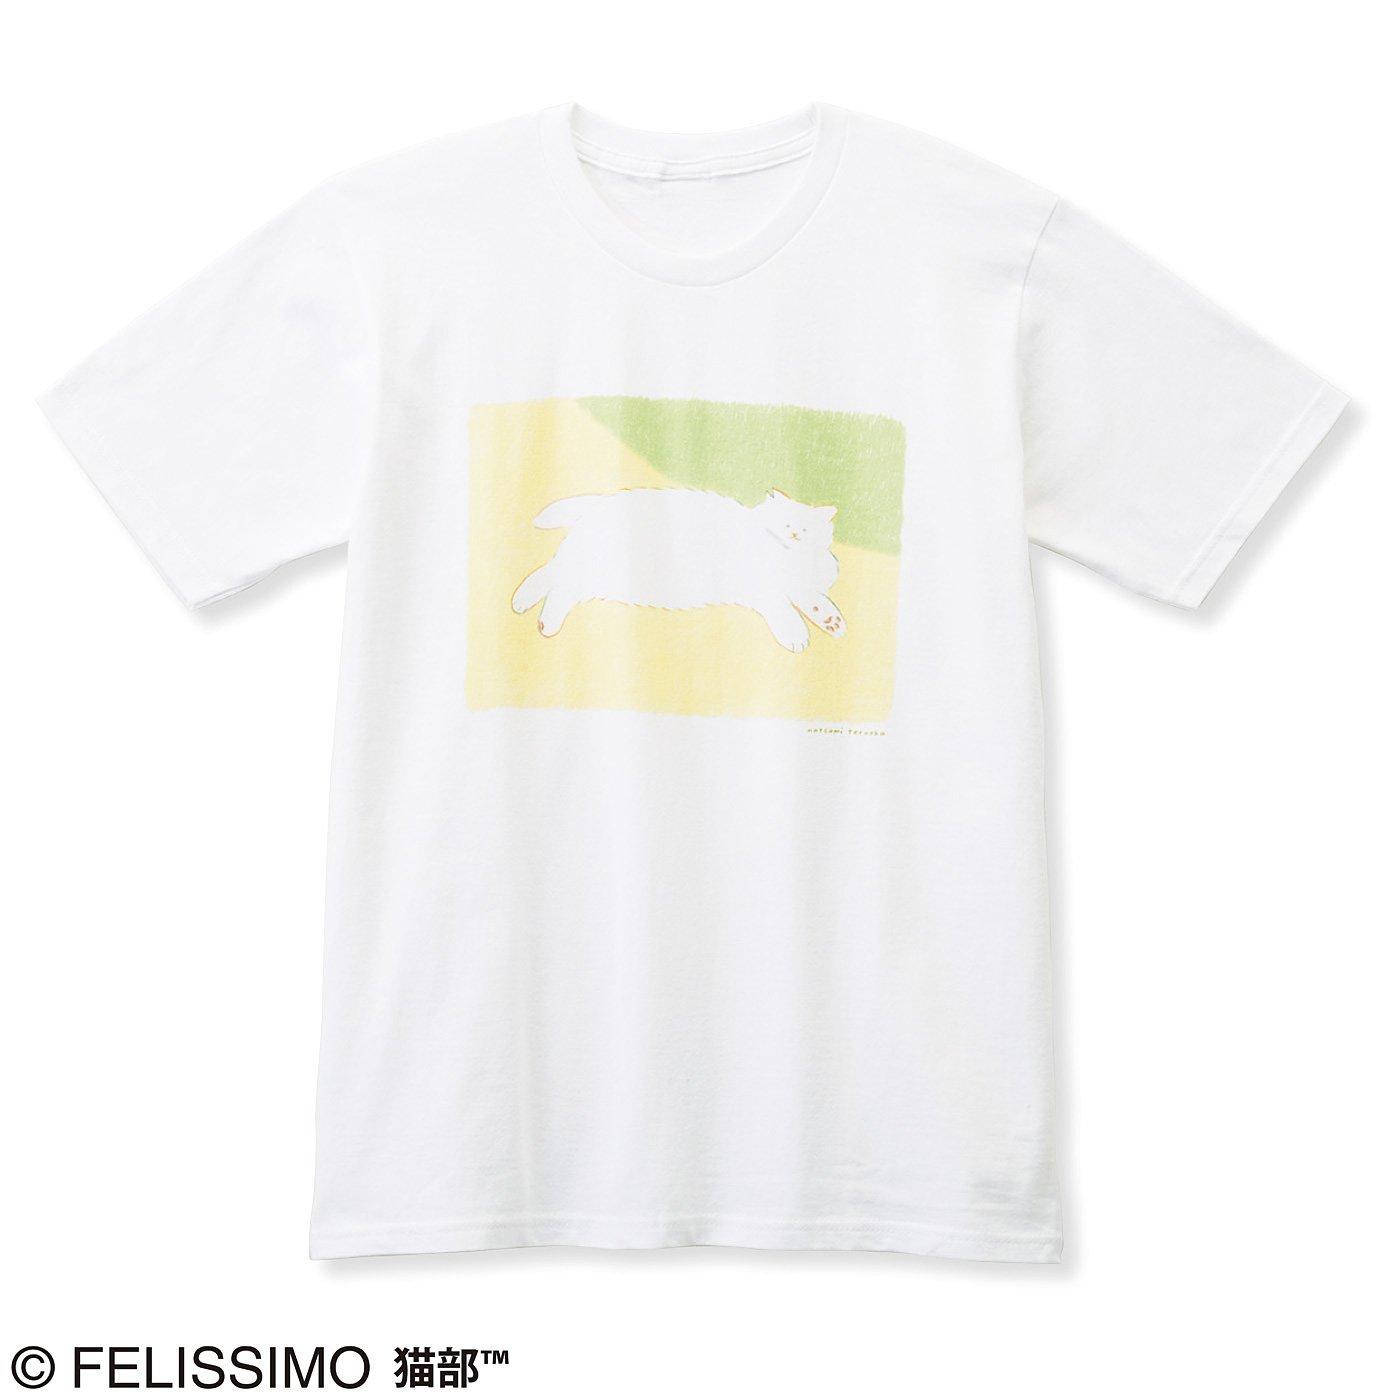 猫部×てらおかなつみ 地域猫チャリティーTシャツ2019